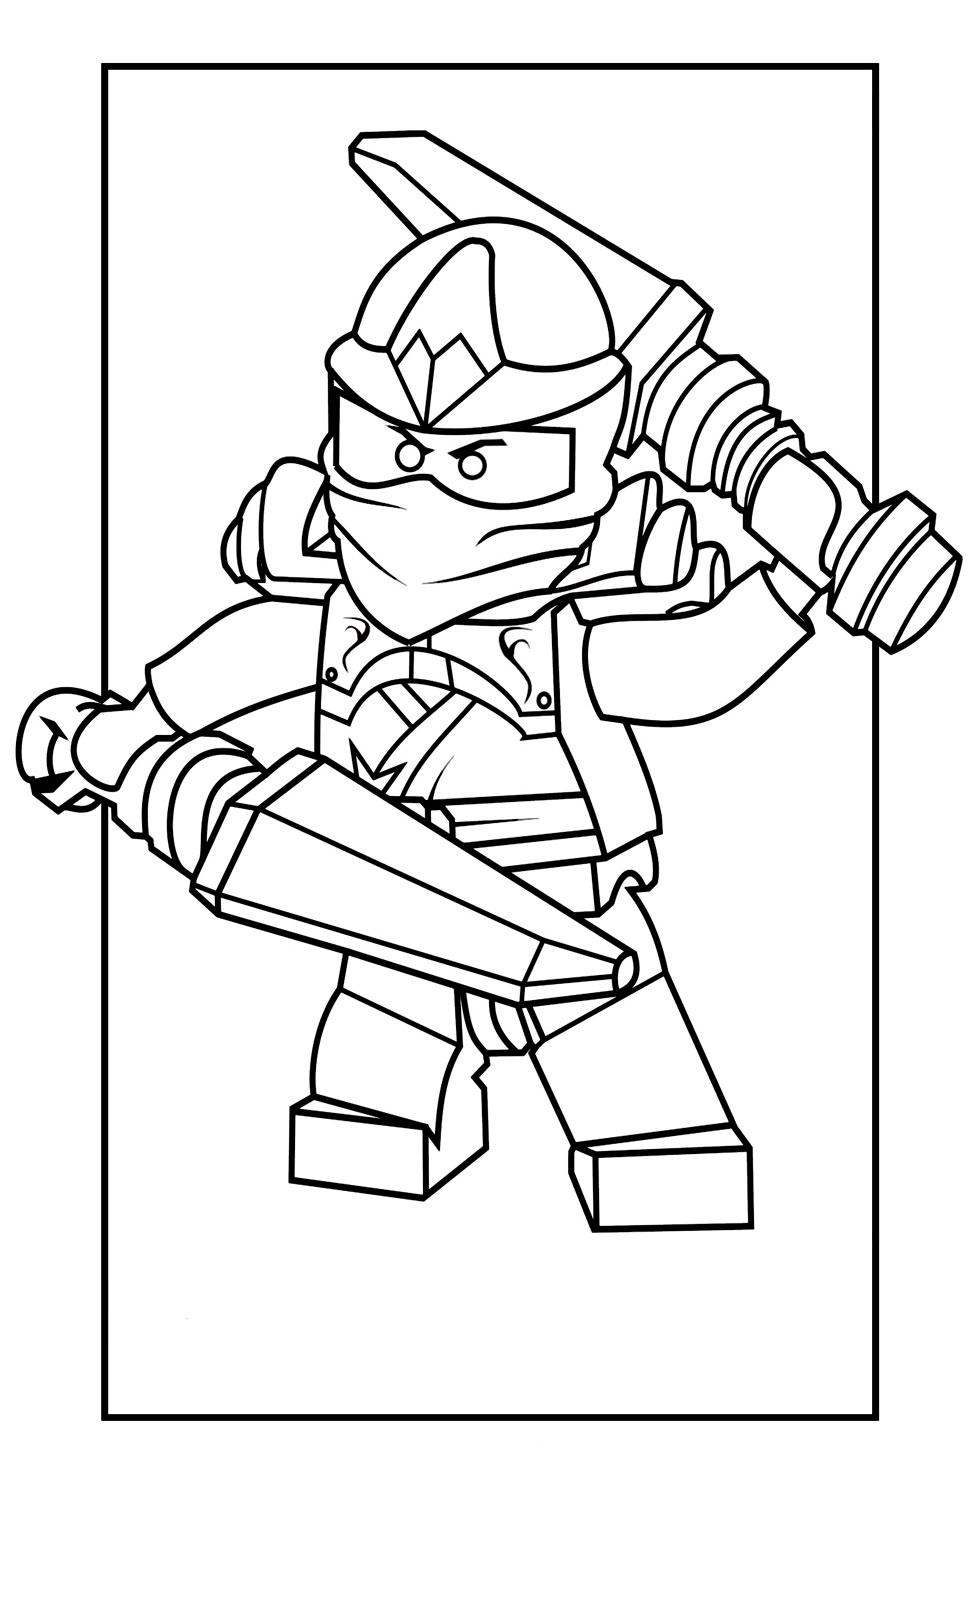 раскраска Ninjago Kai Zx распечатать или скачать бесплатно